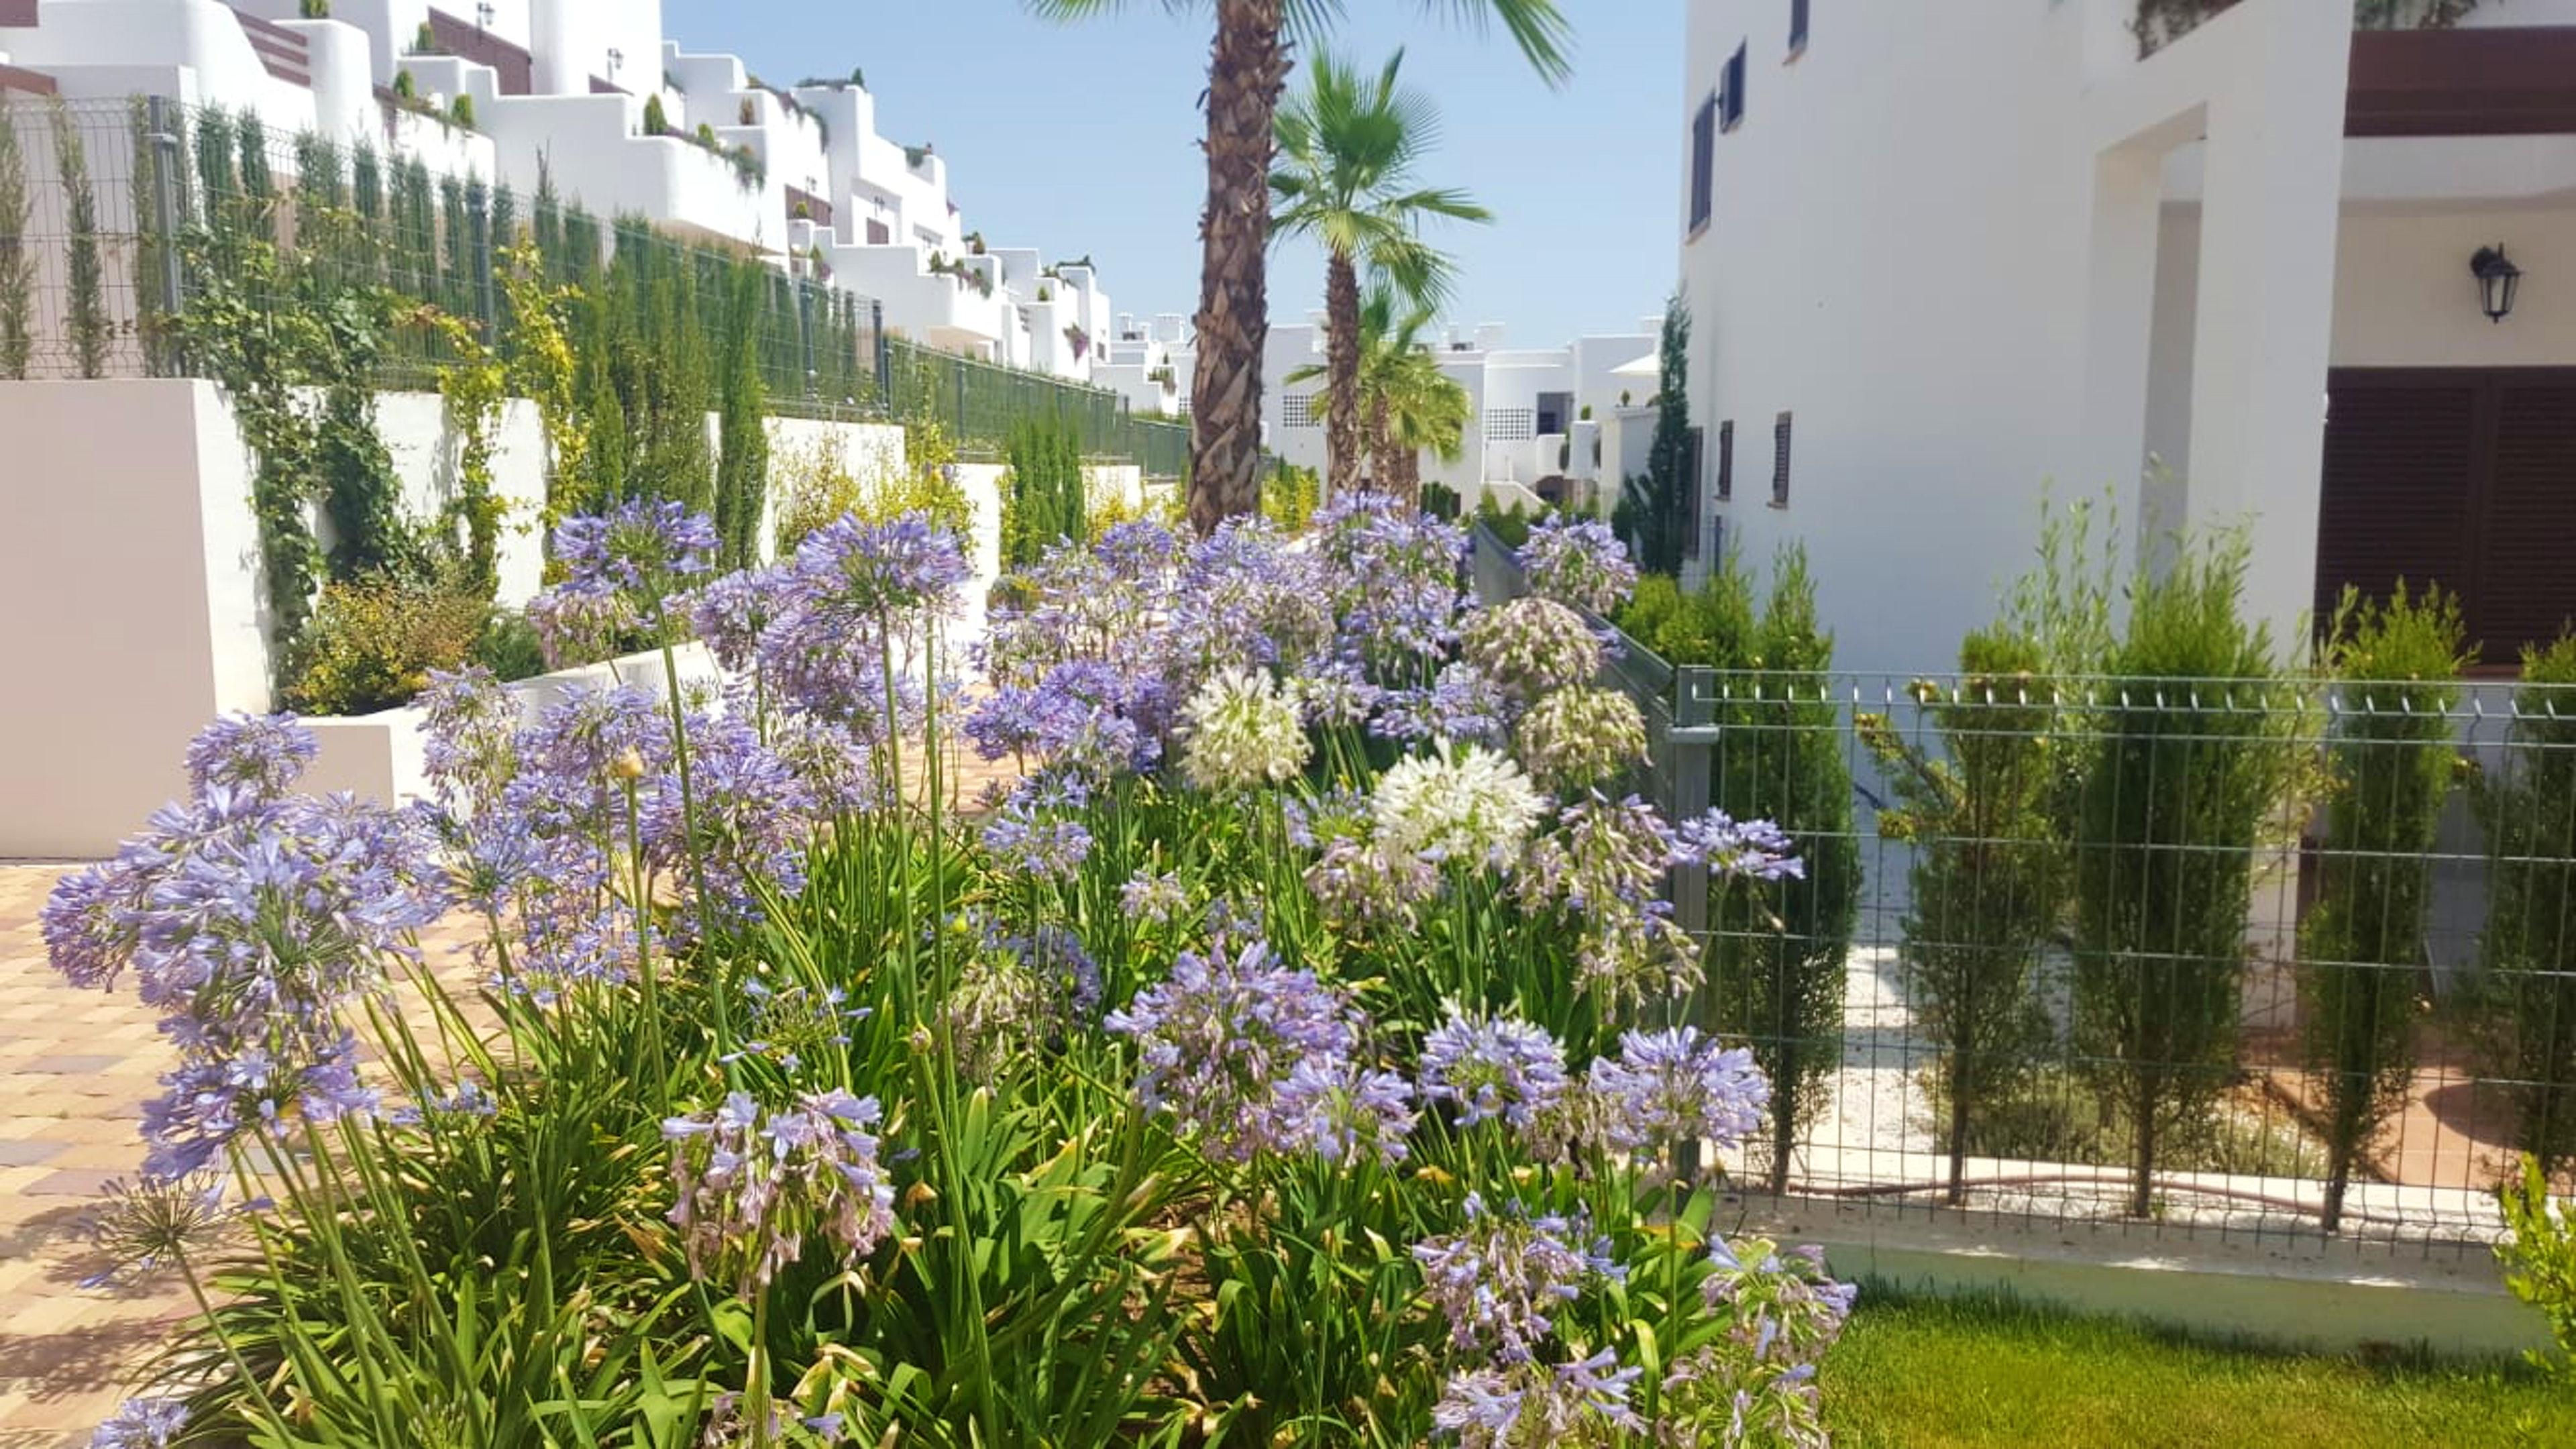 Ferienwohnung Wohnung mit 2 Schlafzimmern in San Juan de los Terreros mit herrlichem Meerblick, Pool, ei (2372661), San Juan de los Terreros, Costa de Almeria, Andalusien, Spanien, Bild 27